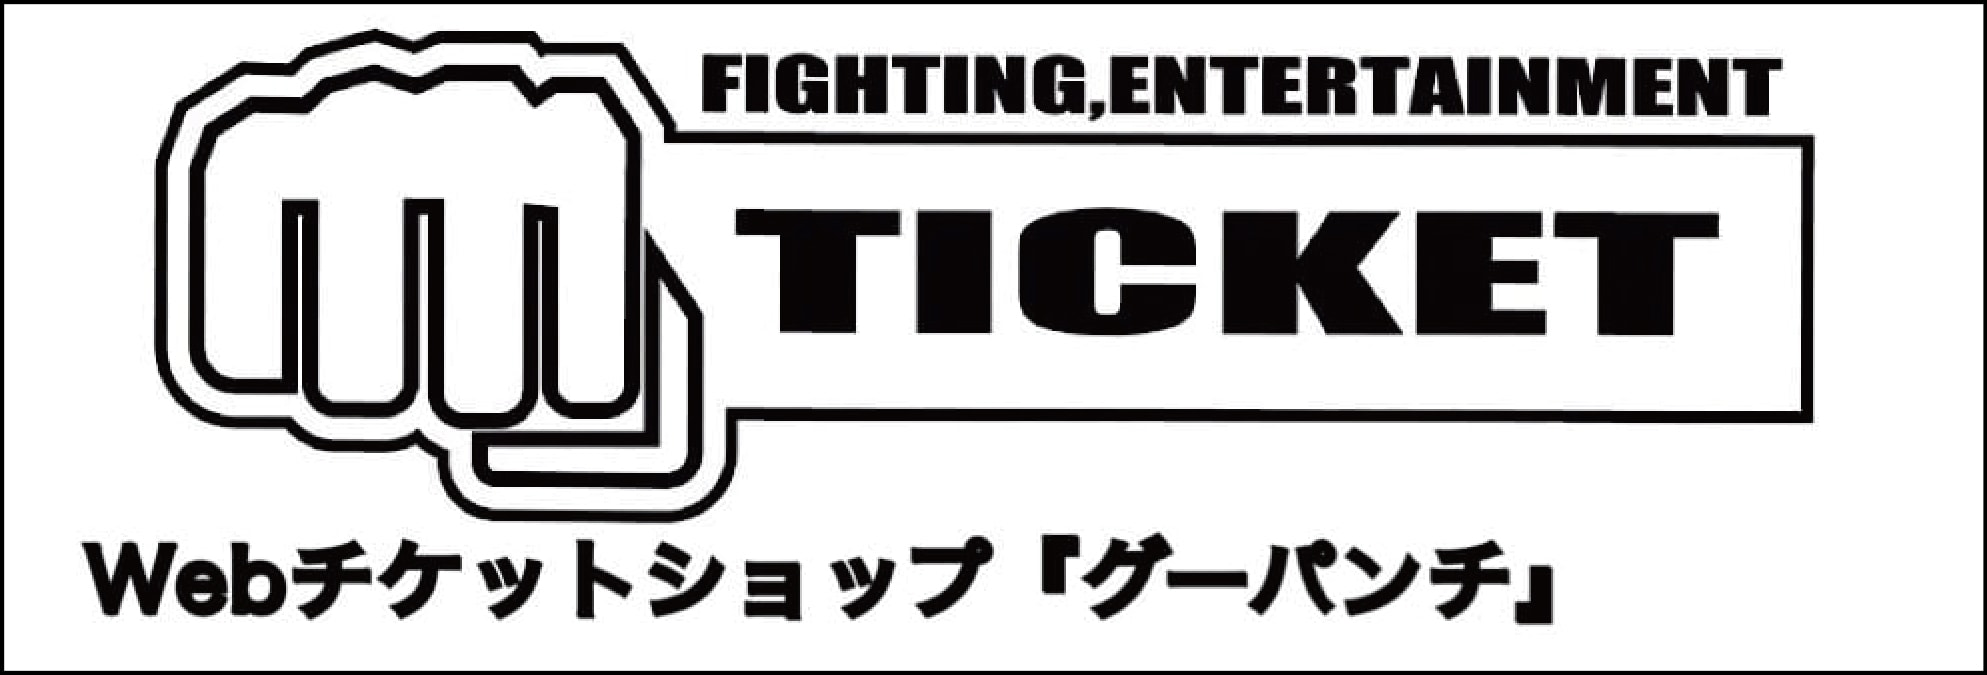 格闘技・プロレスWEBチケット『グーパンチ』